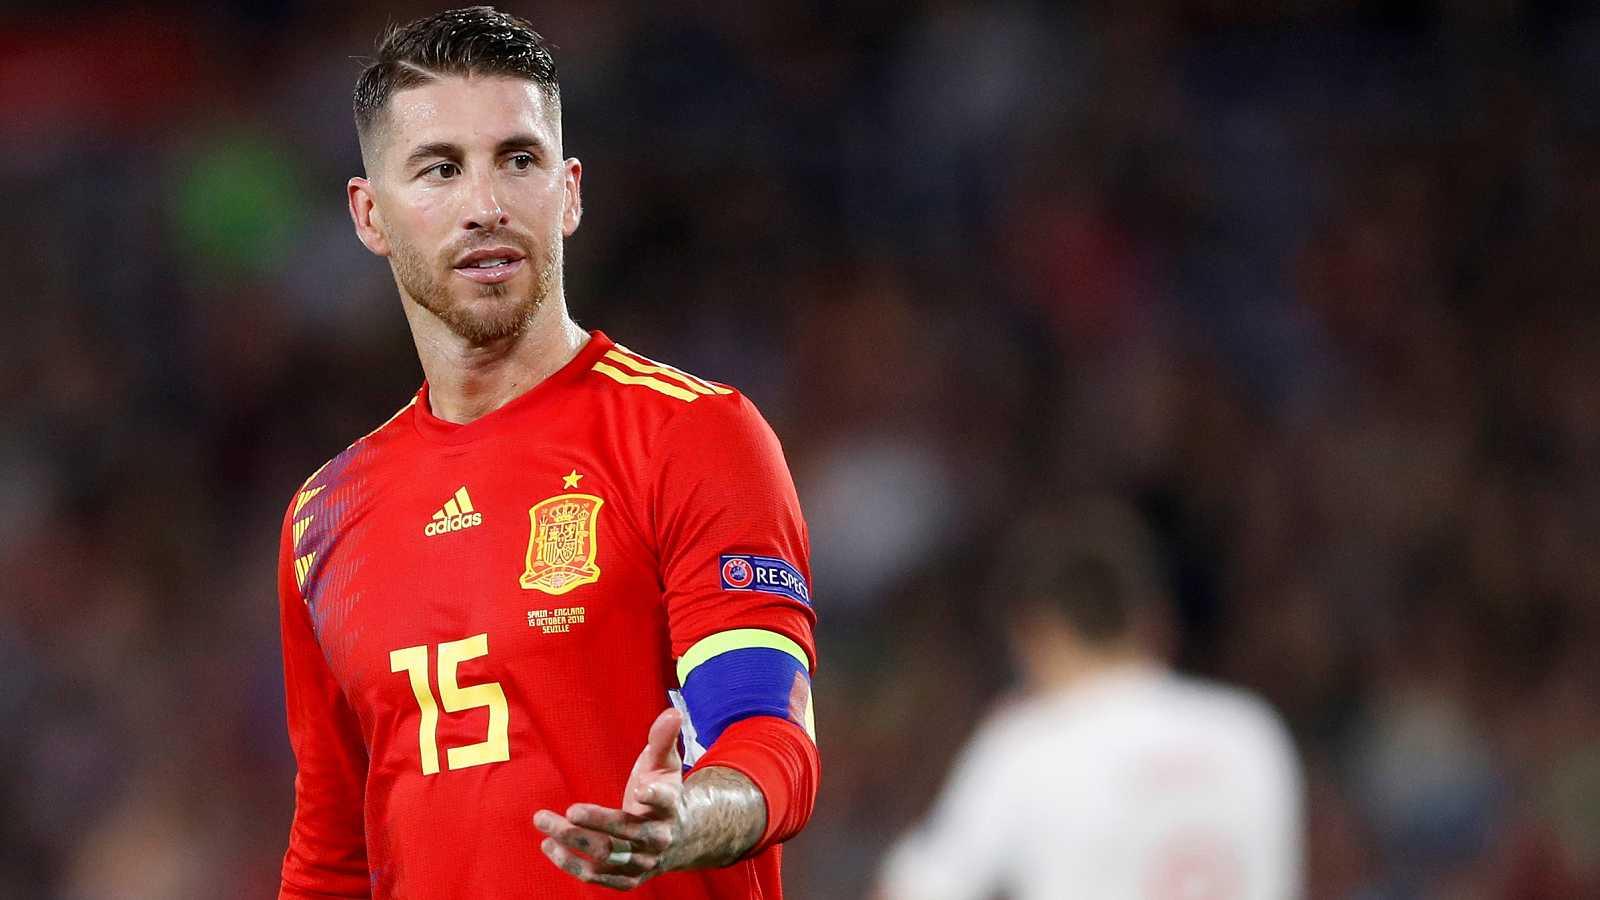 La selección española sufrió la primera derrota de la 'era Luis Enrique' en el Benito Villamarín, donde cayó 3-2 contra Inglaterra. Una pésima primera parte lastró a los jugadores españoles.